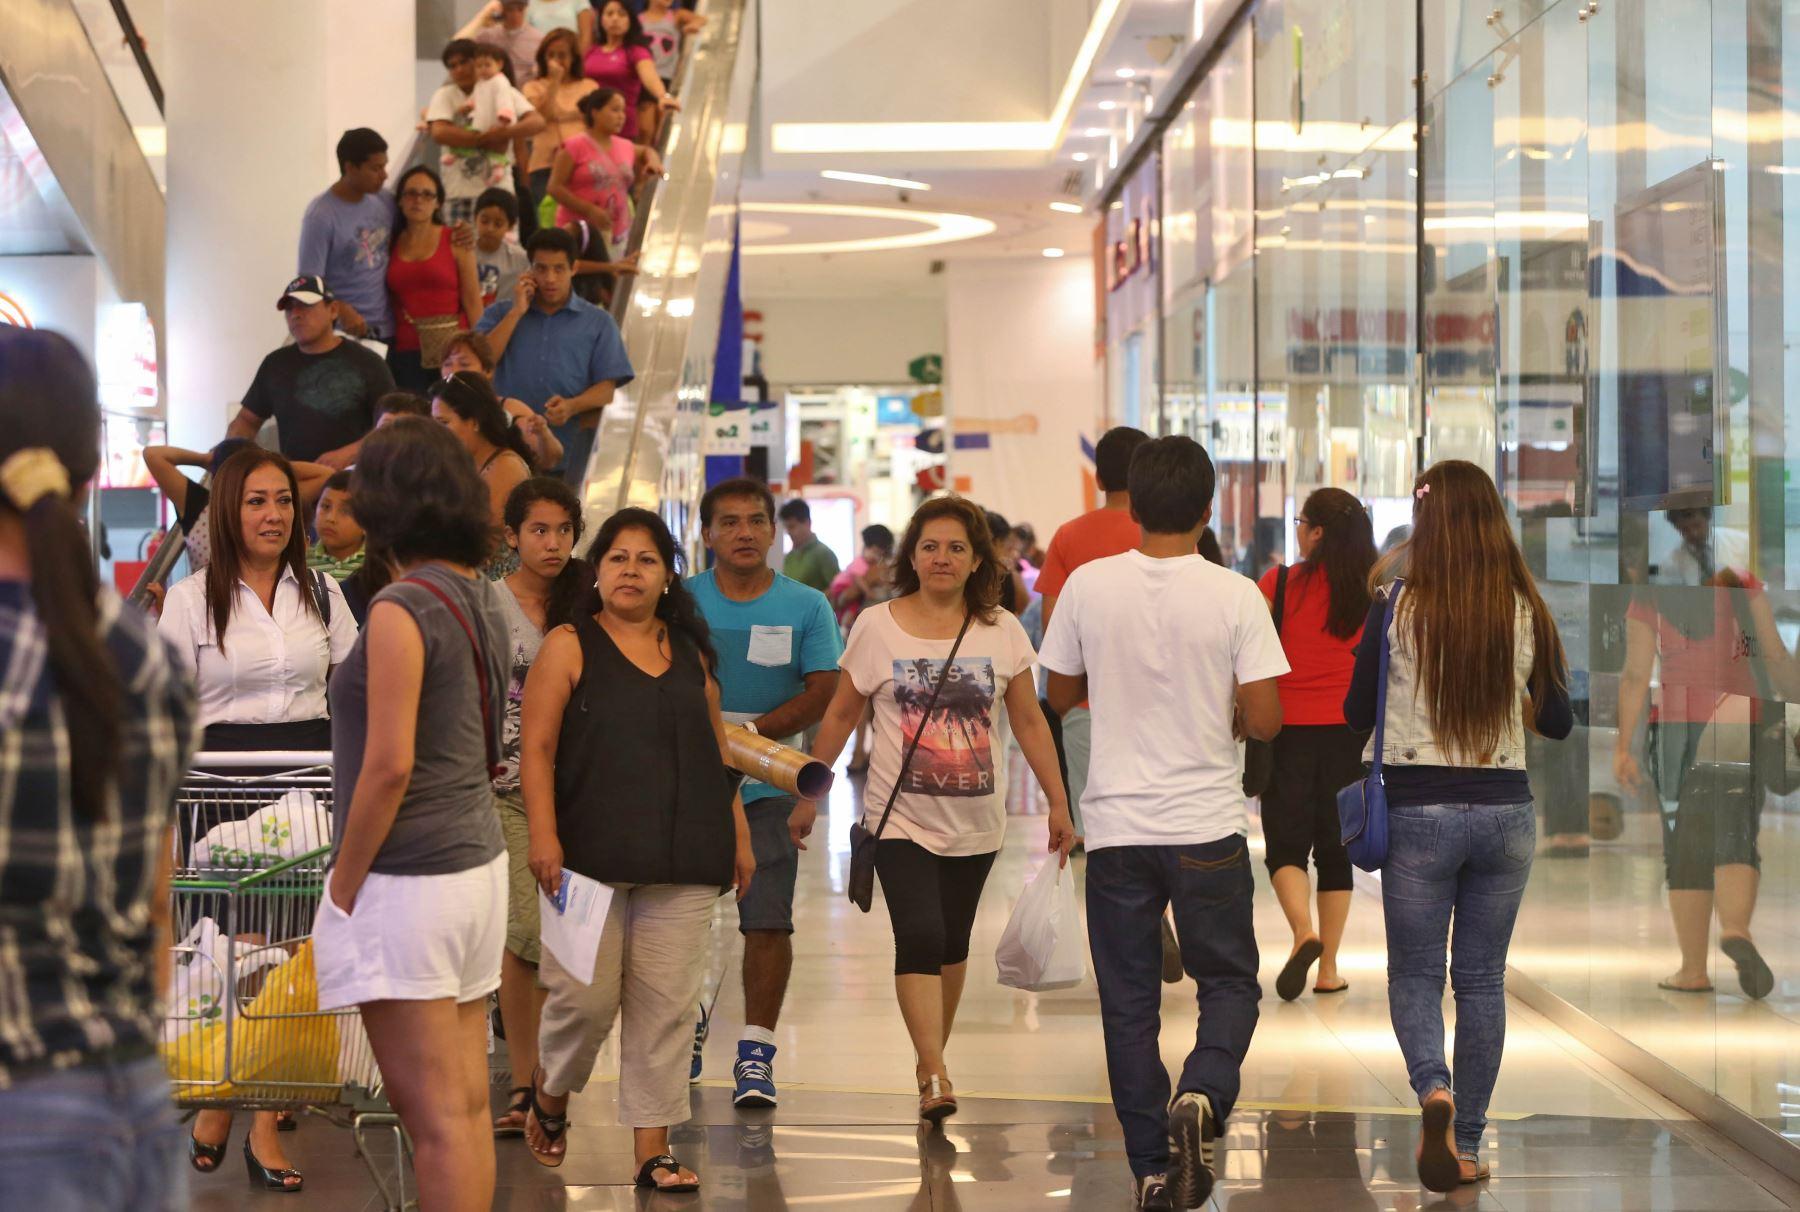 Consumidor Perú 21 - Perú: Sector retail crecería más de 30% entre el periodo 2018-2019